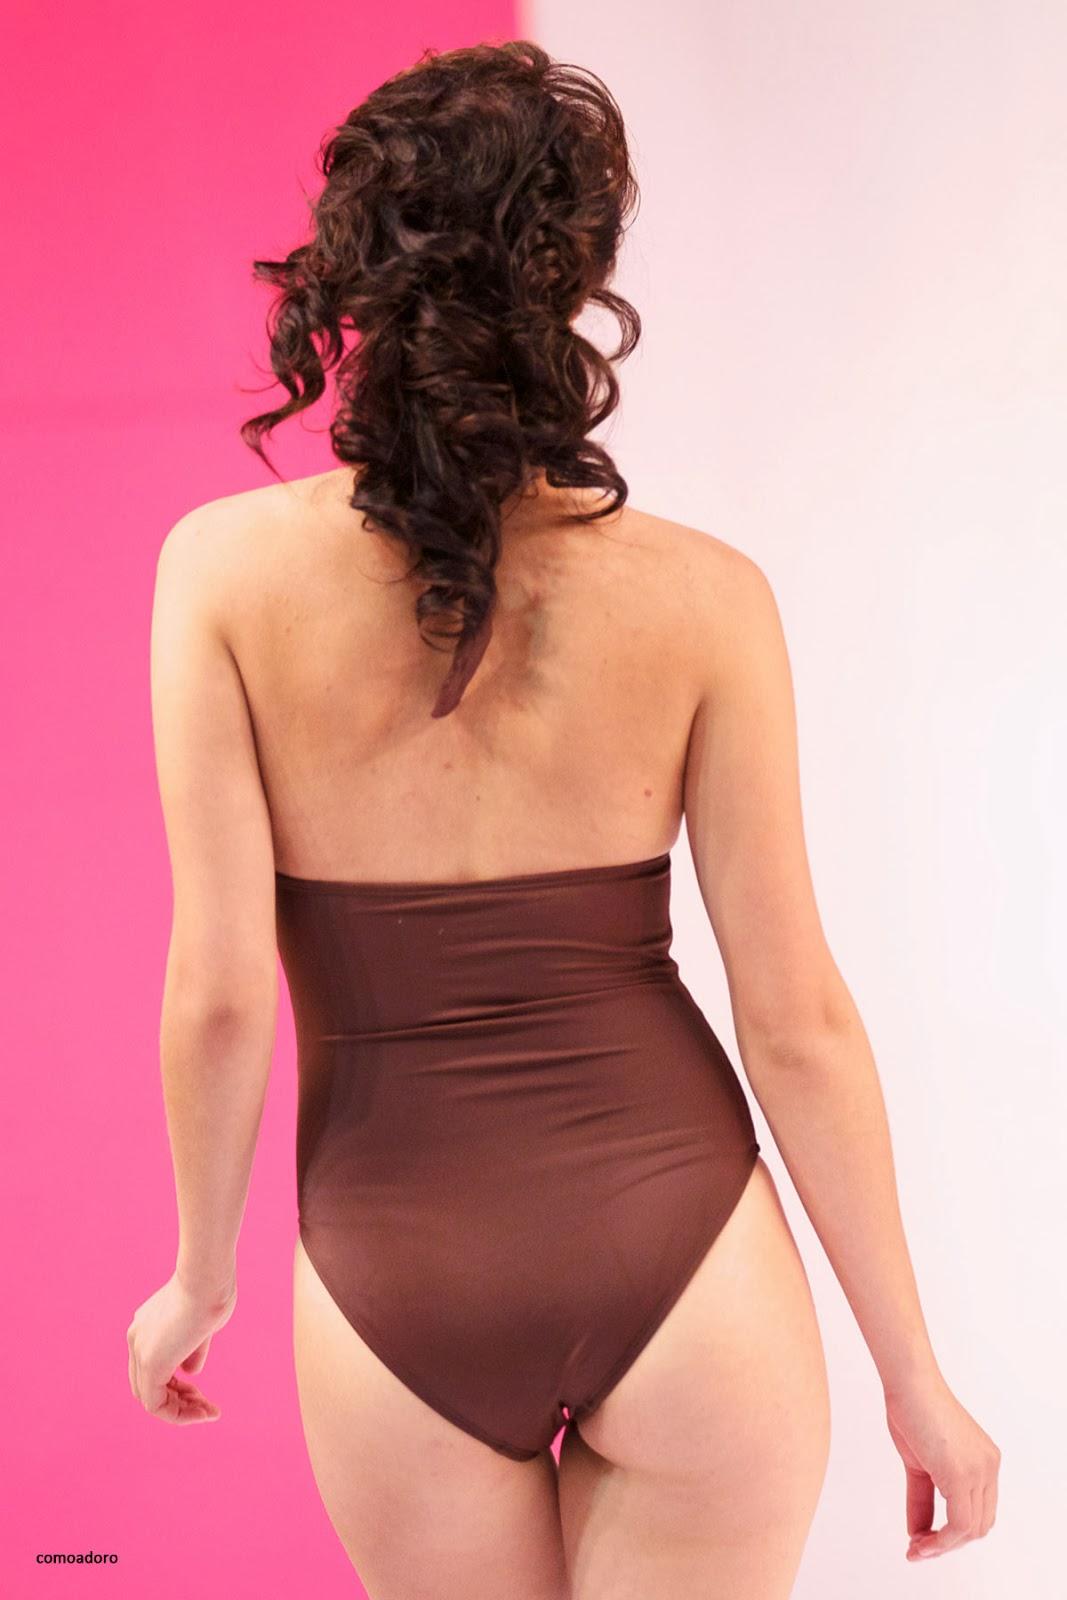 Calendario deportista fotos caseras de amigas desnudas 83